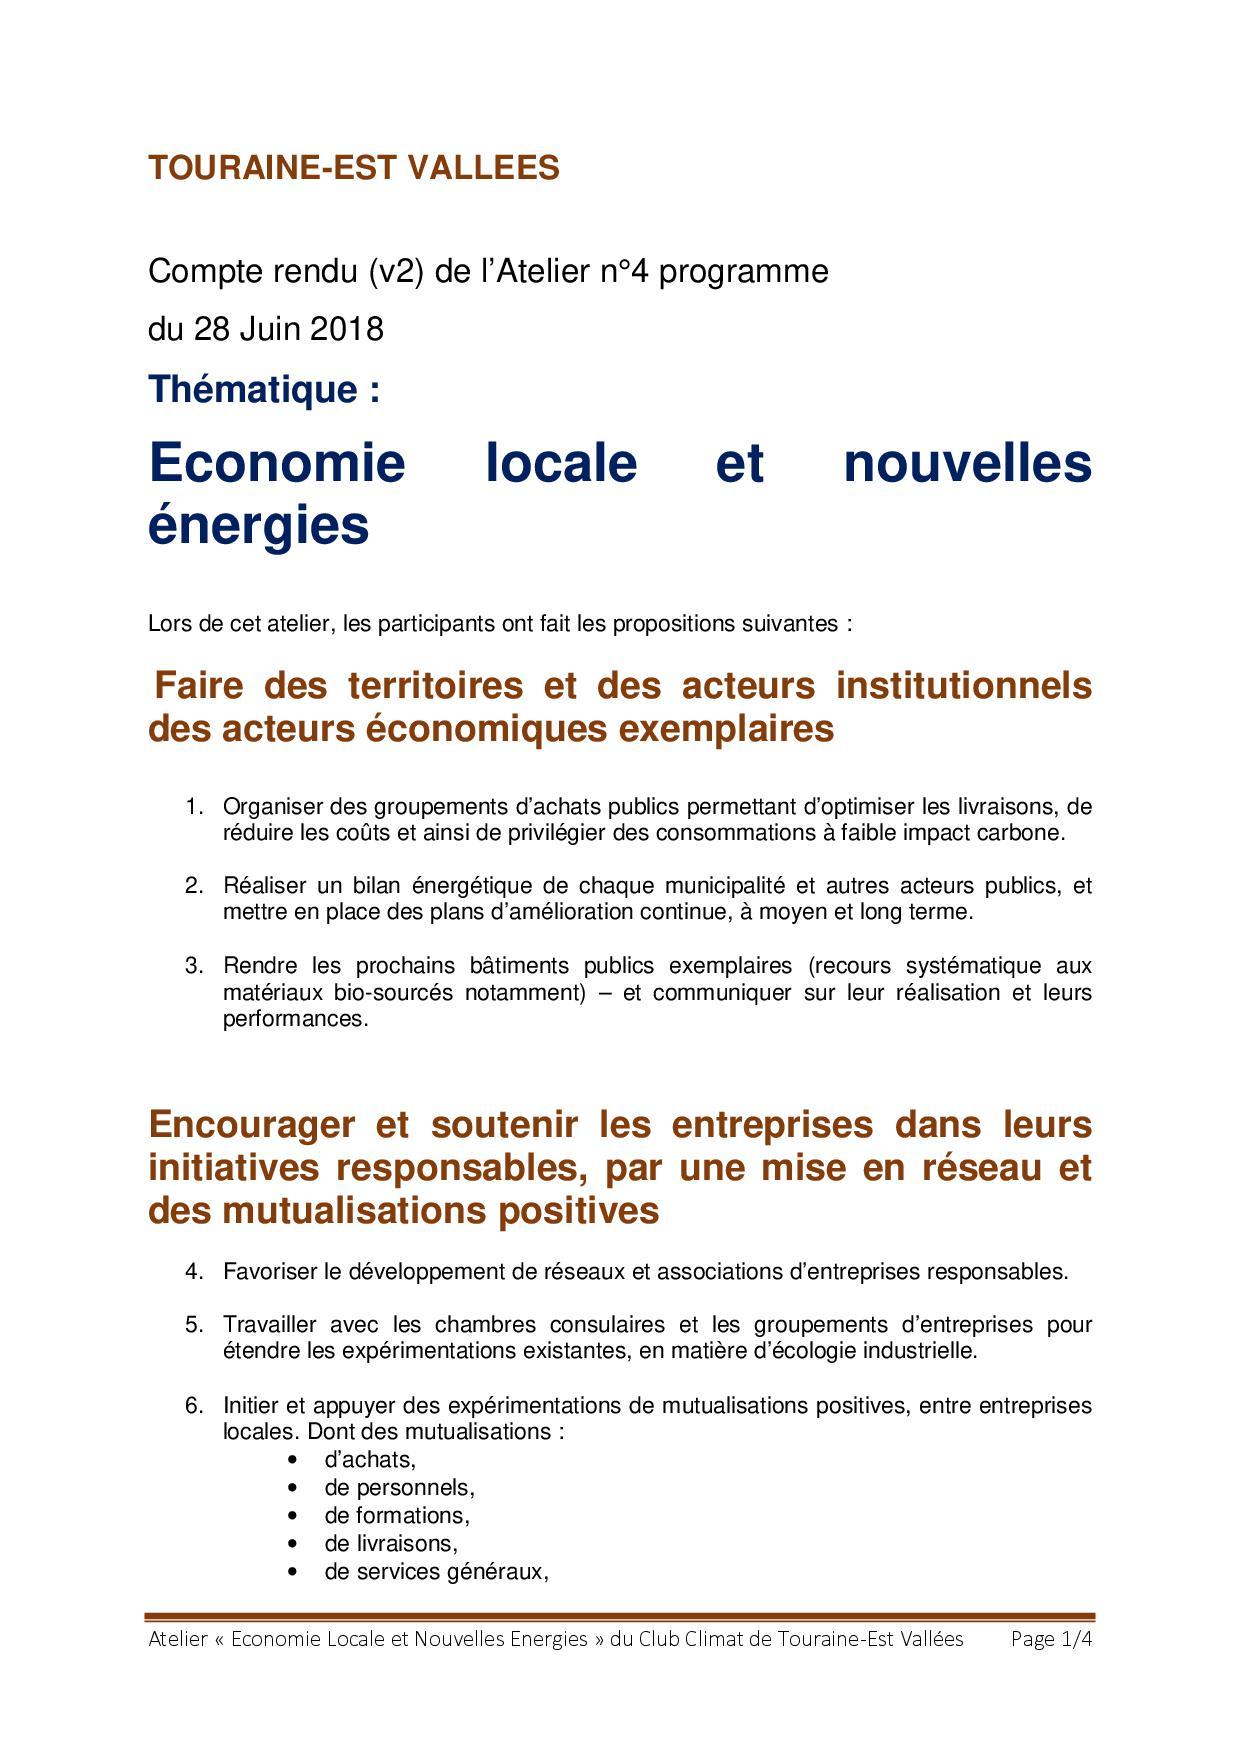 CR_Atelier_4_economie_locale_nouvelles_energies_v21